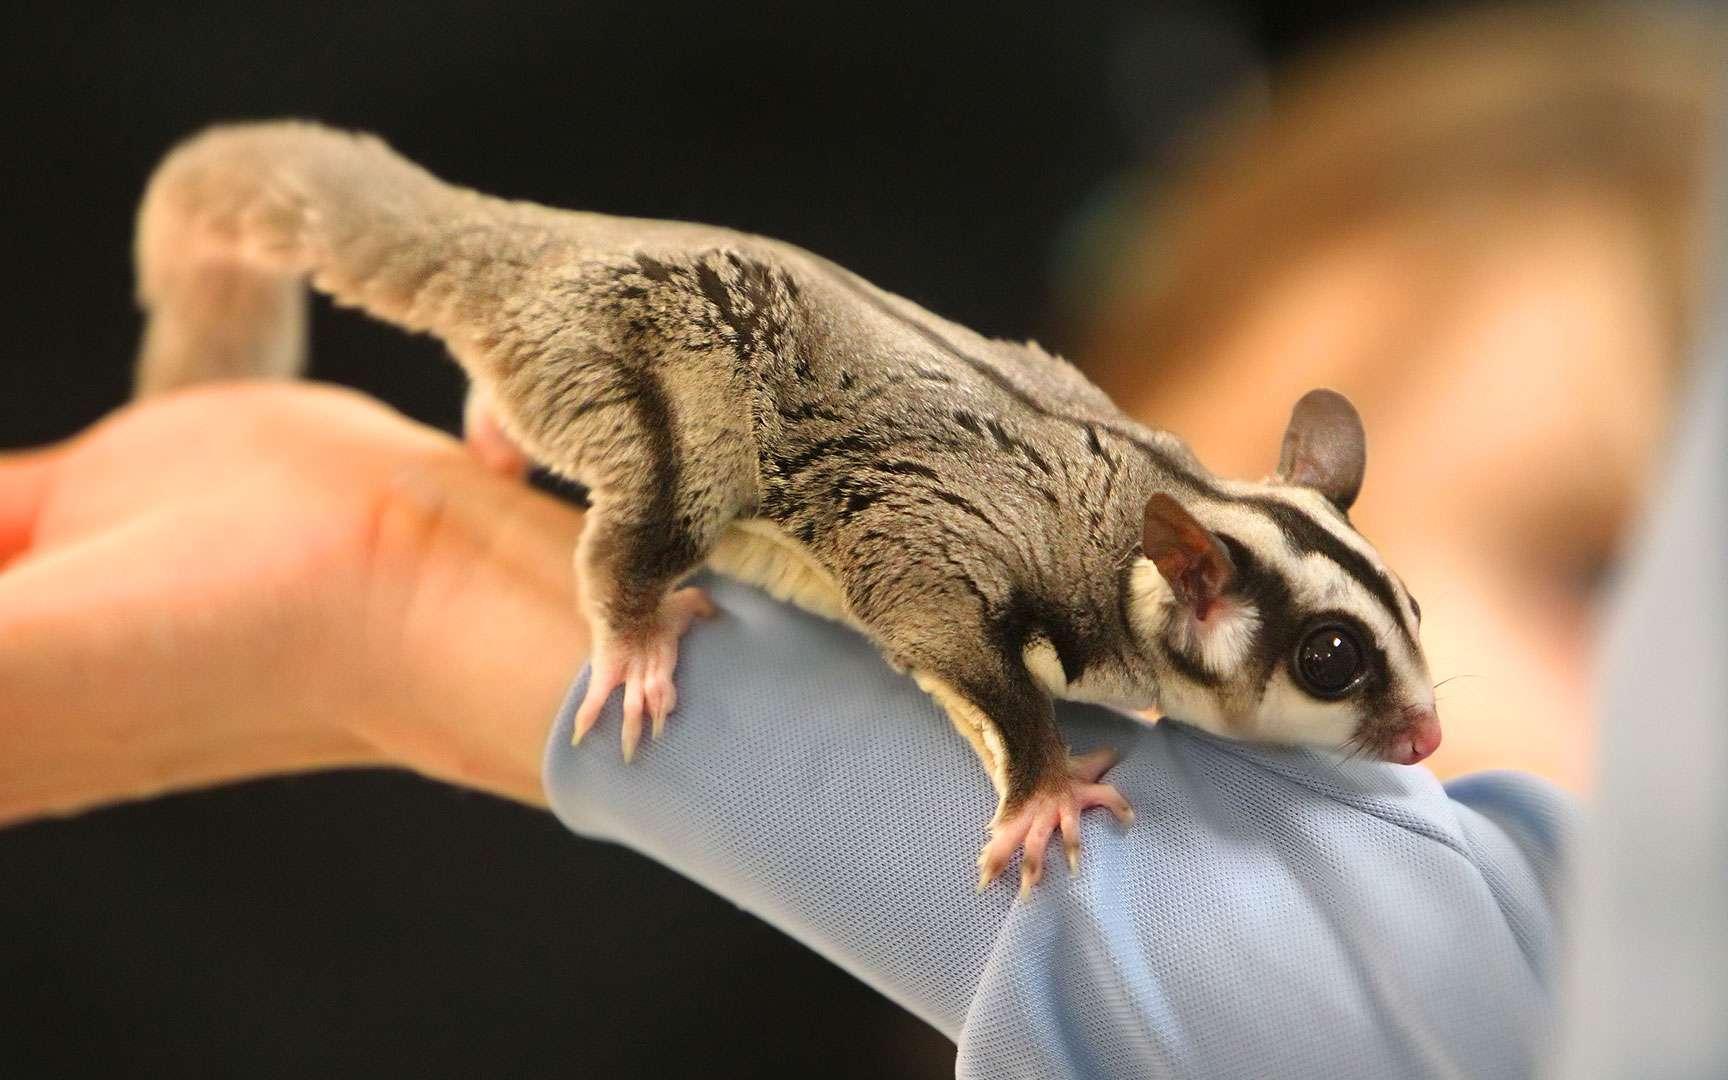 Le phalanger volant. « Ça plane pour moi ! » pourrait dire le phalanger volant. Ce petit opossum, originaire du nord et de l'est de l'Australie ainsi que de Nouvelle Guinée, possède la particularité de pouvoir planer d'un arbre à l'autre pour rechercher de la nourriture ou échapper à un danger. Il mesure entre 16 et 20 cm et pèse de 90 à 190 g. Cet animal peut planer grâce à deux membranes appelées patagiums qui relient le cinquième doigt des pattes antérieures au premier orteil des membres postérieurs. Certains sauts peuvent atteindre cinquante mètres d'un arbre à l'autre. Il est donc nécessaire d'avoir un enclos suffisamment vaste pour permettre à l'animal d'évoluer. Une précision : le phalanger est actif la nuit. Sa longévité peut atteindre une quinzaine d'années en captivité. © C-Serpents - CC by-nc 2.0